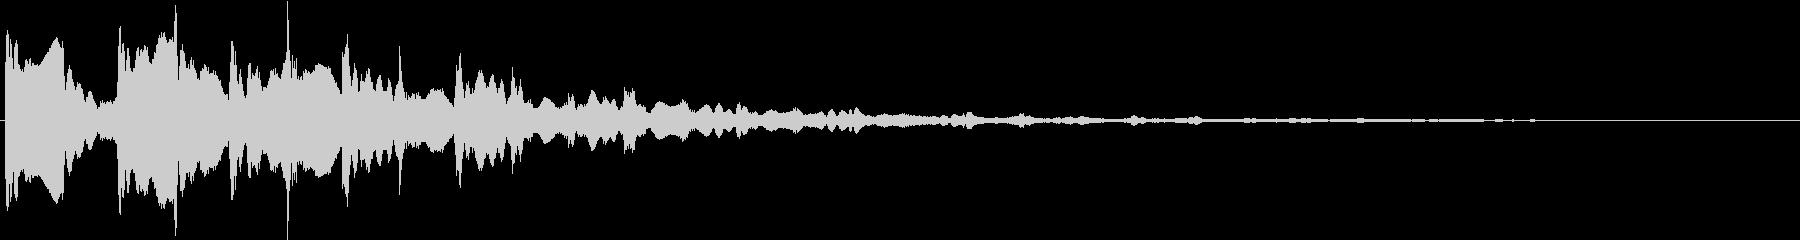 パン:ドキュメンタル風ピアノ・シンセ音2の未再生の波形